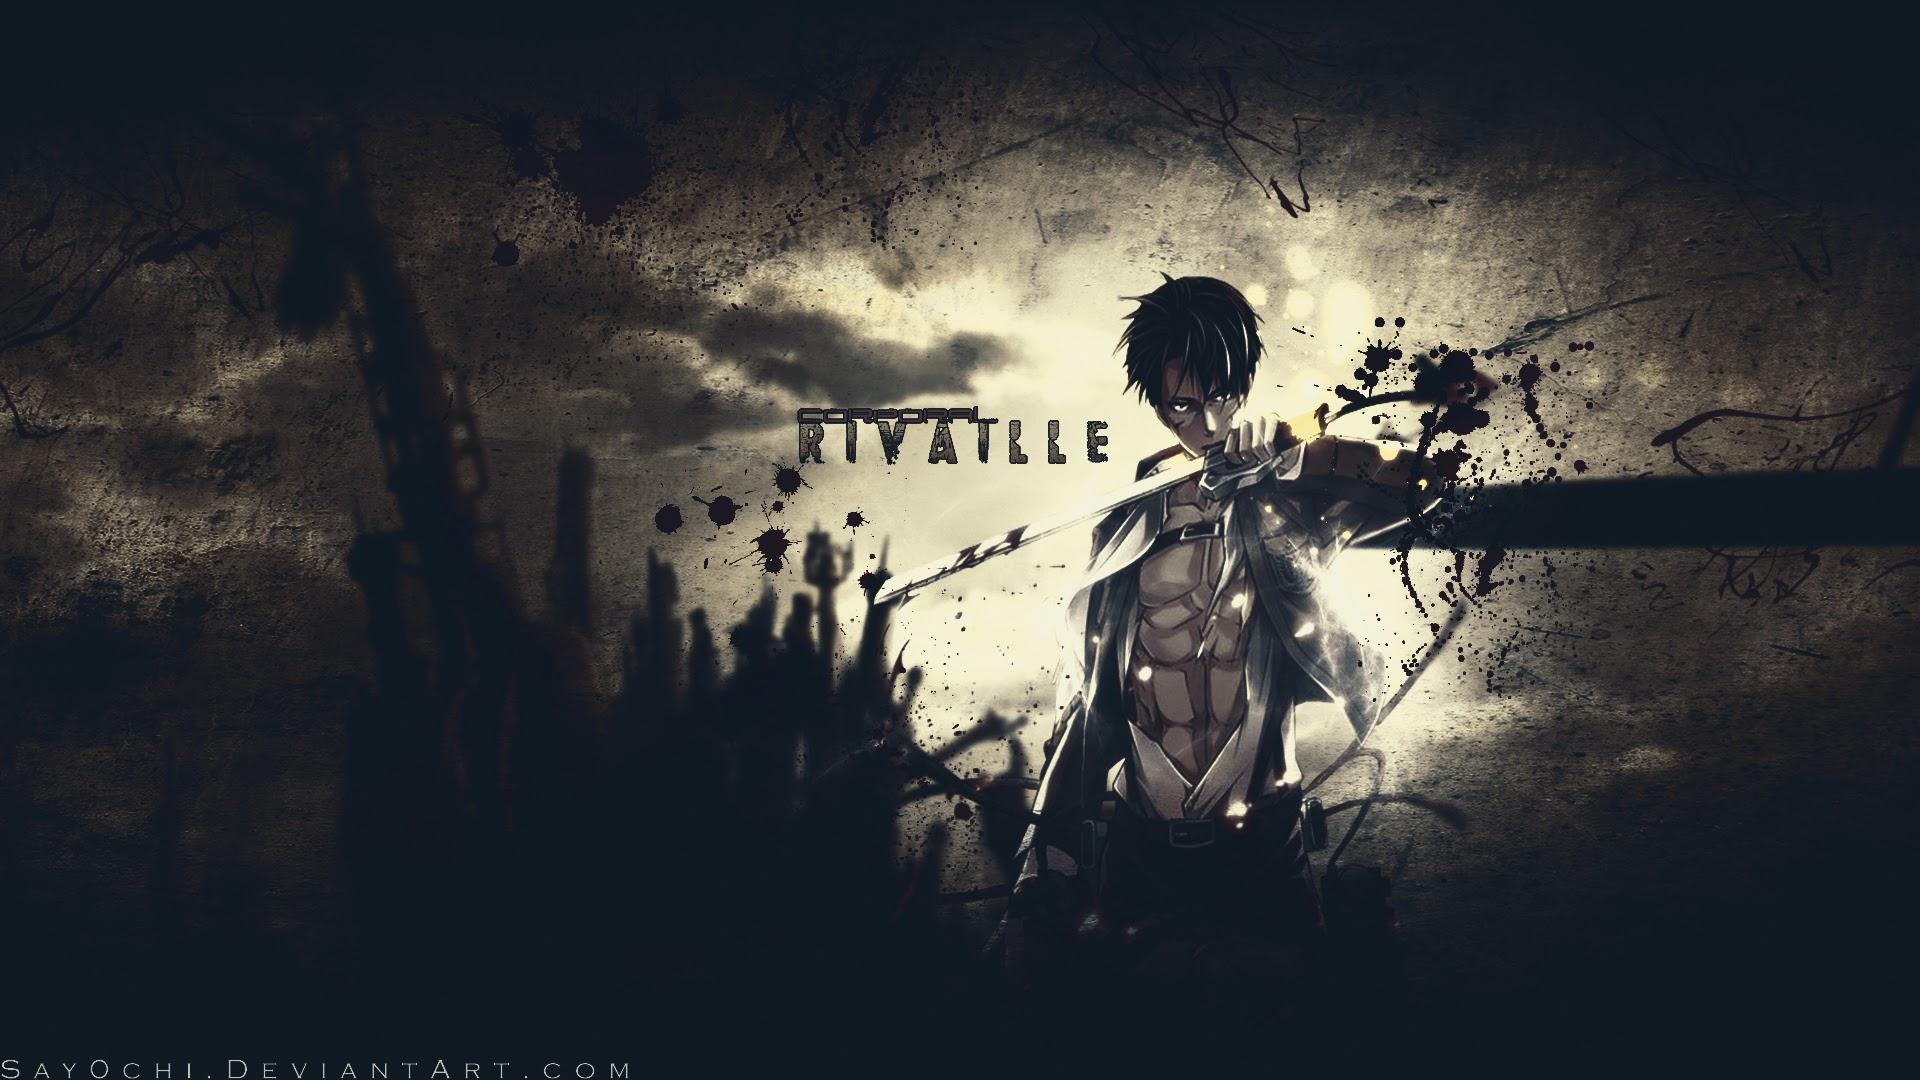 Attack On Titan Levi Wallpaper 1080p Rivaille levi attack on titan 1920x1080